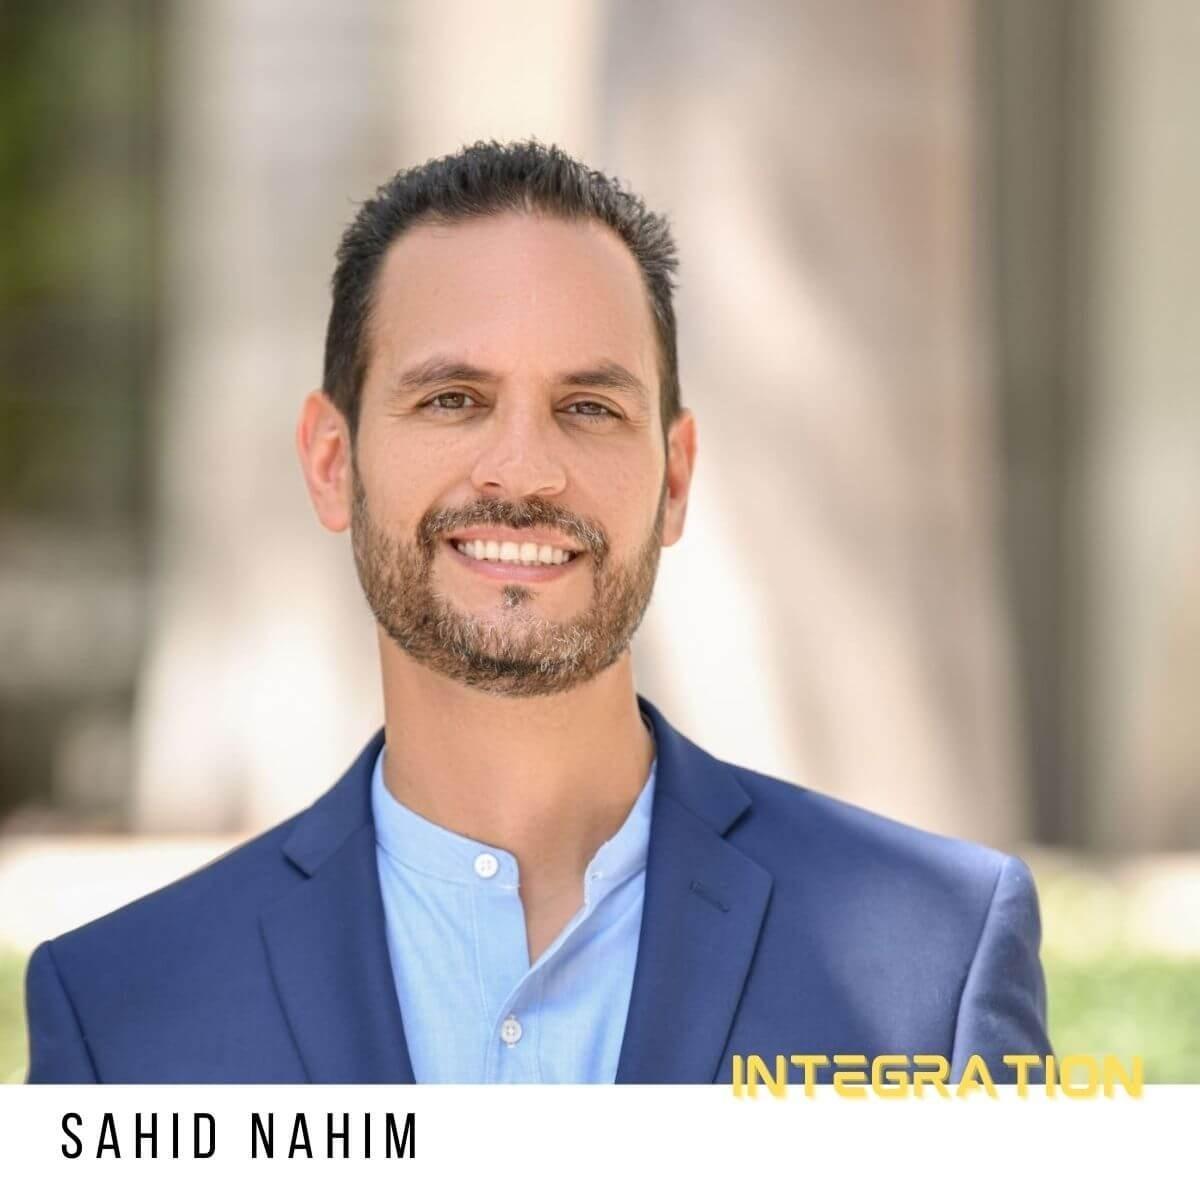 EMC Speaker - Sahid Nahim